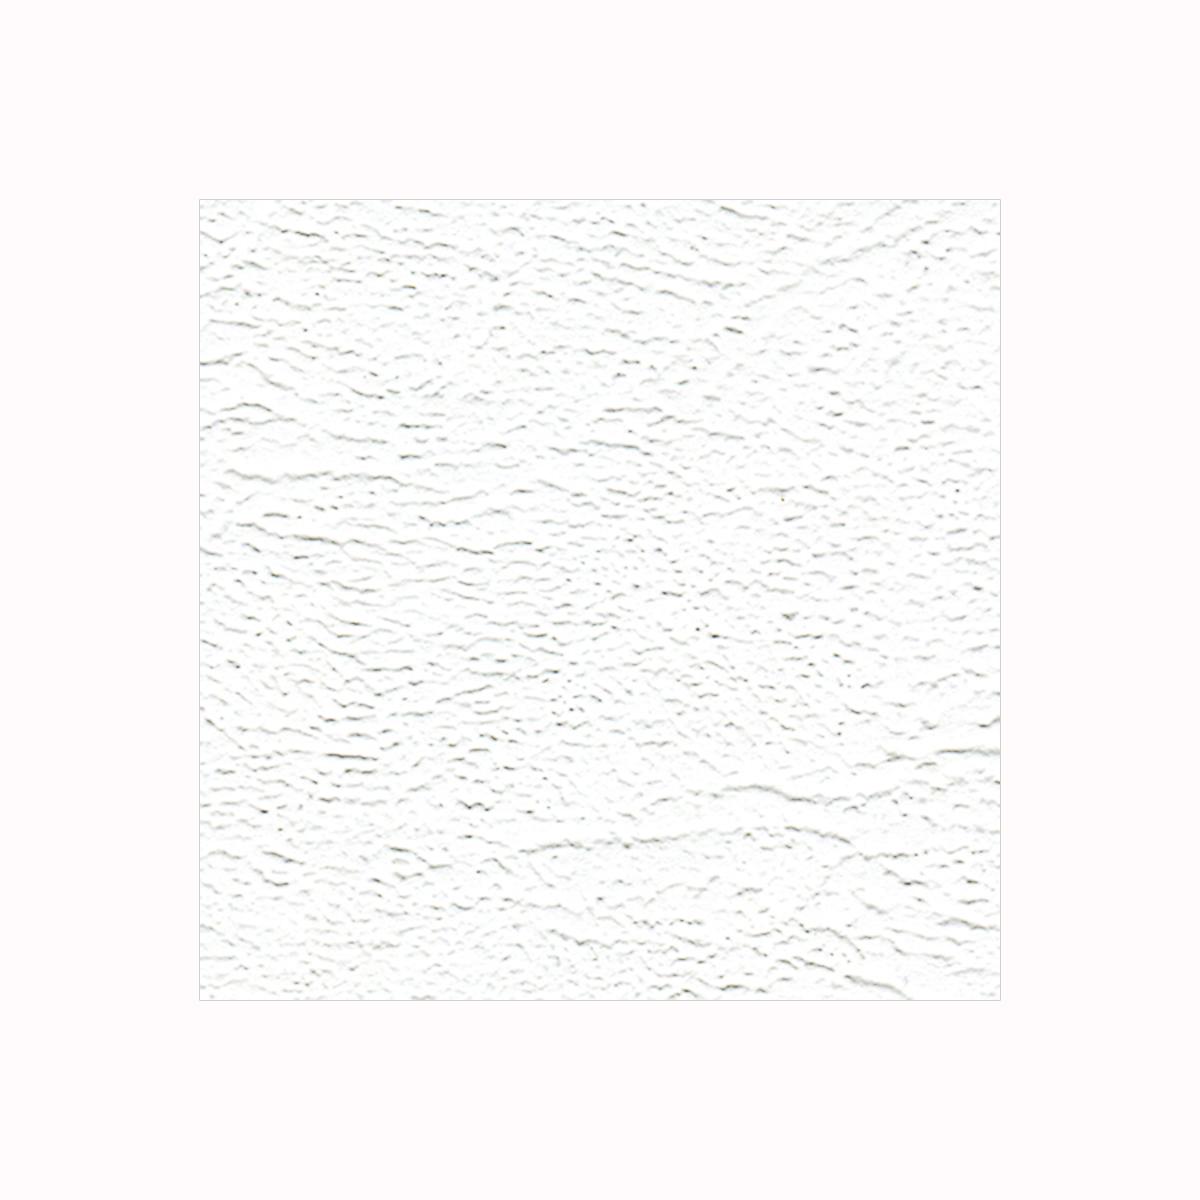 Бумага фактурная Лоза Кожа, цвет: белый, 3 листа582220Фактурная бумага для скрапбукинга Лоза Кожа позволит создать красивый альбом, фоторамку или открытку ручной работы, оформить подарок или аппликацию. Набор включает в себя 3 листа из плотной бумаги. Скрапбукинг - это хобби, которое способно приносить массу приятных эмоций не только человеку, который этим занимается, но и его близким, друзьям, родным. Это невероятно увлекательное занятие, которое поможет вам сохранить наиболее памятные и яркие моменты вашей жизни, а также интересно оформить интерьер дома.